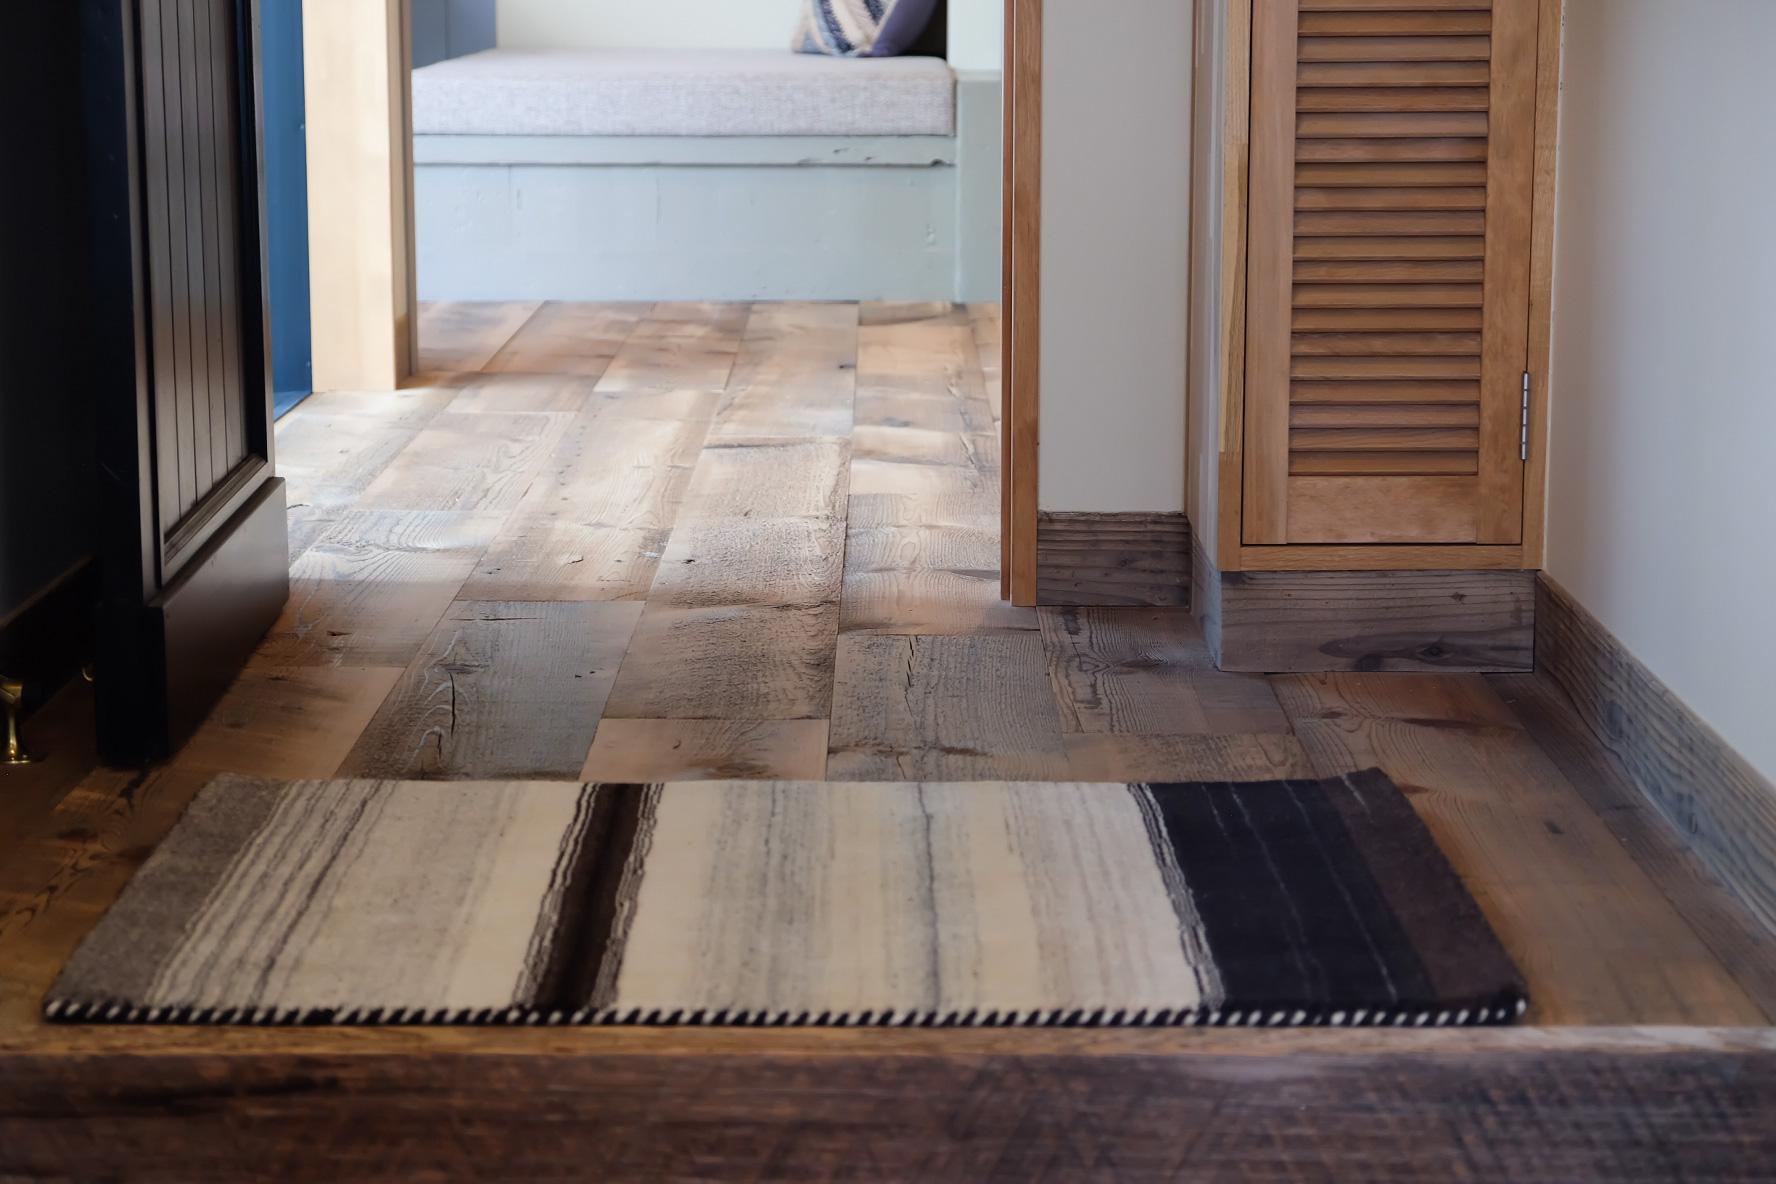 ハグみじゅうたん展 [NEW]tezawari collection 玄関マットサイズ